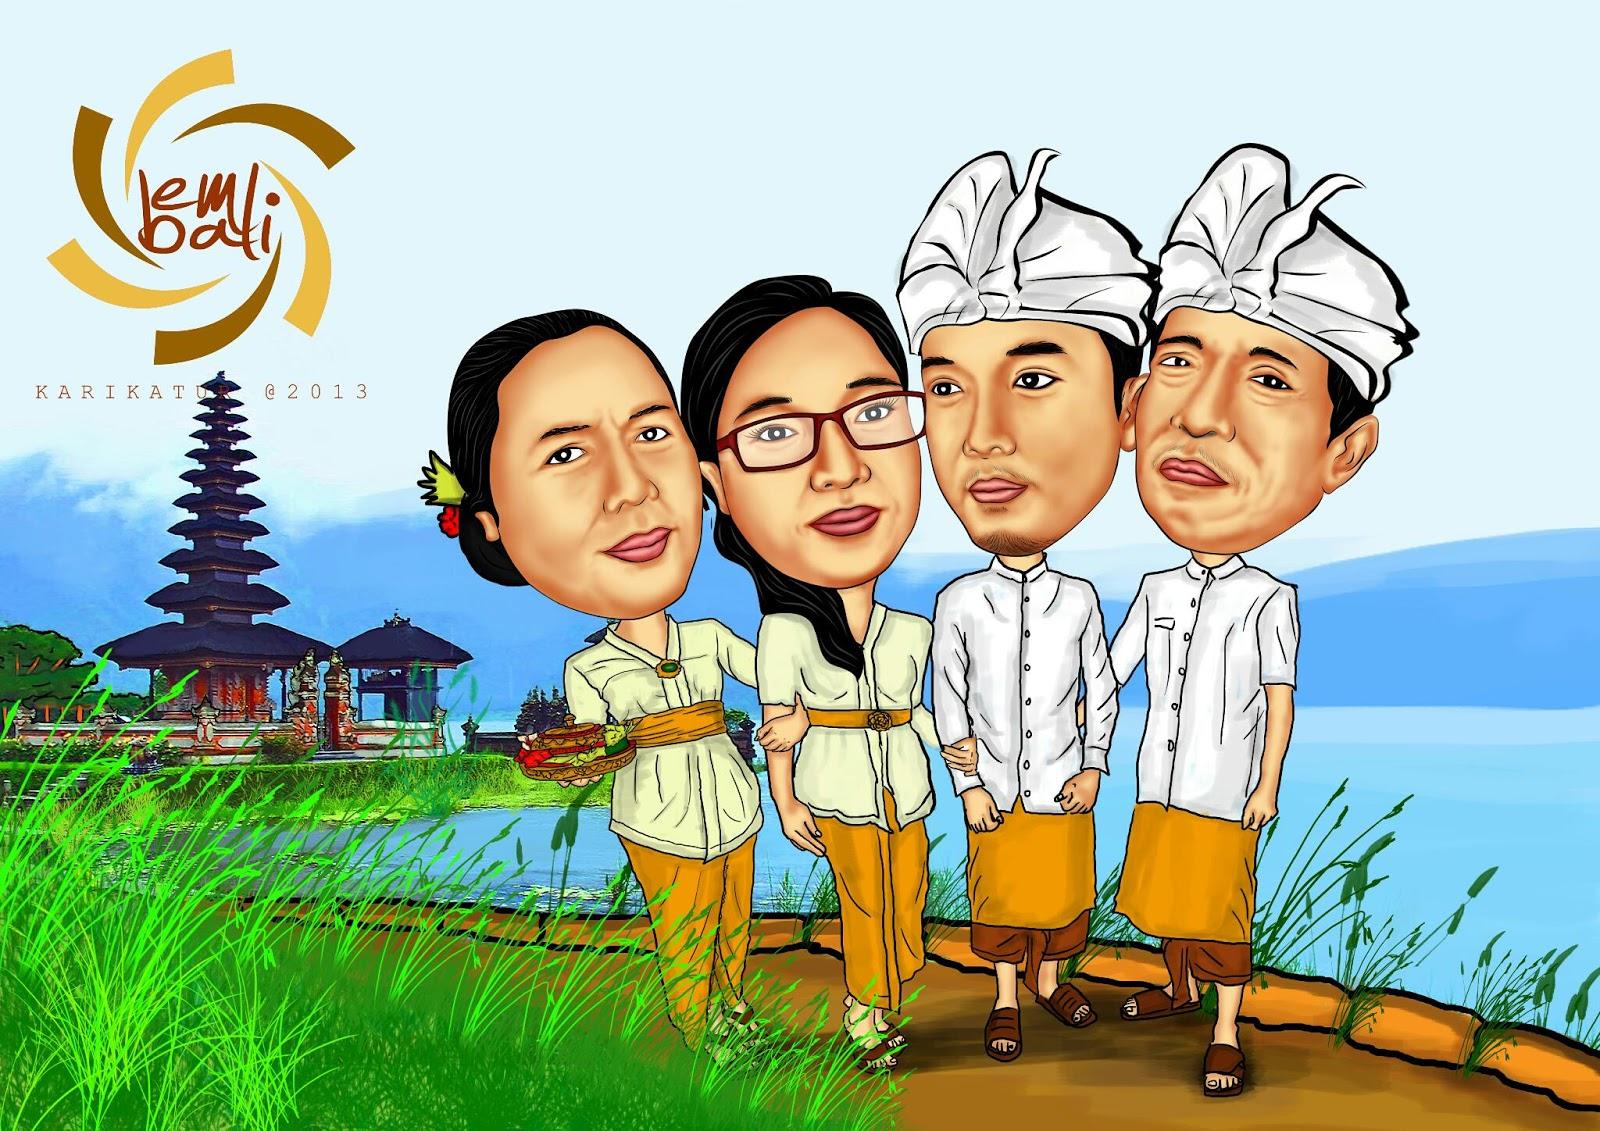 EMbali Karikatur Jasa Karikatur Murah Di Bali